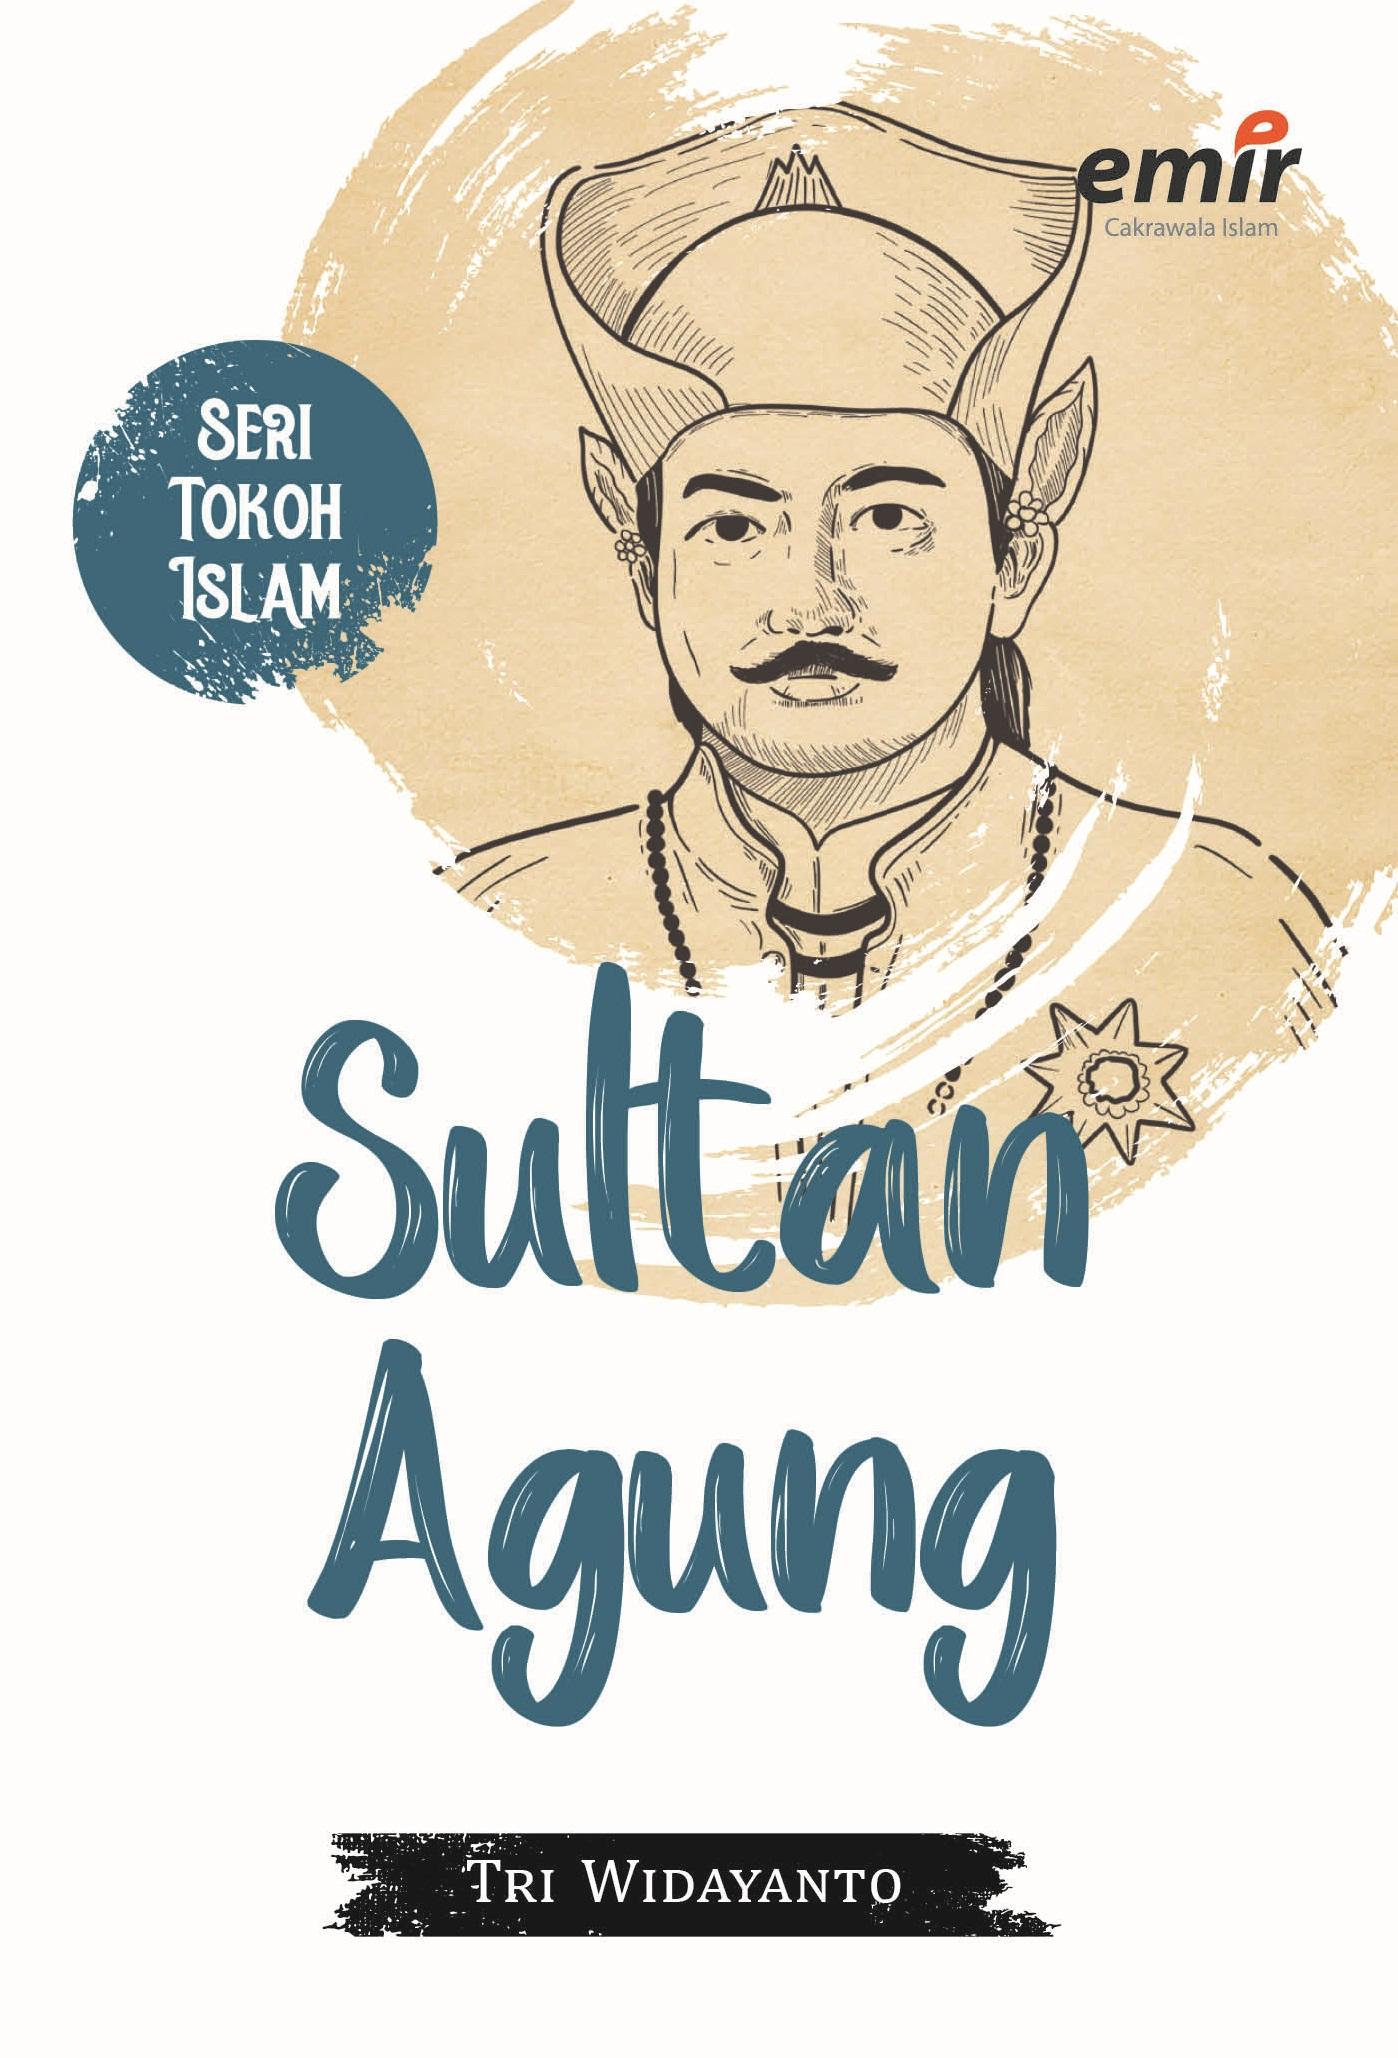 SERI TOKOH ISLAM: SULTAN AGUNG